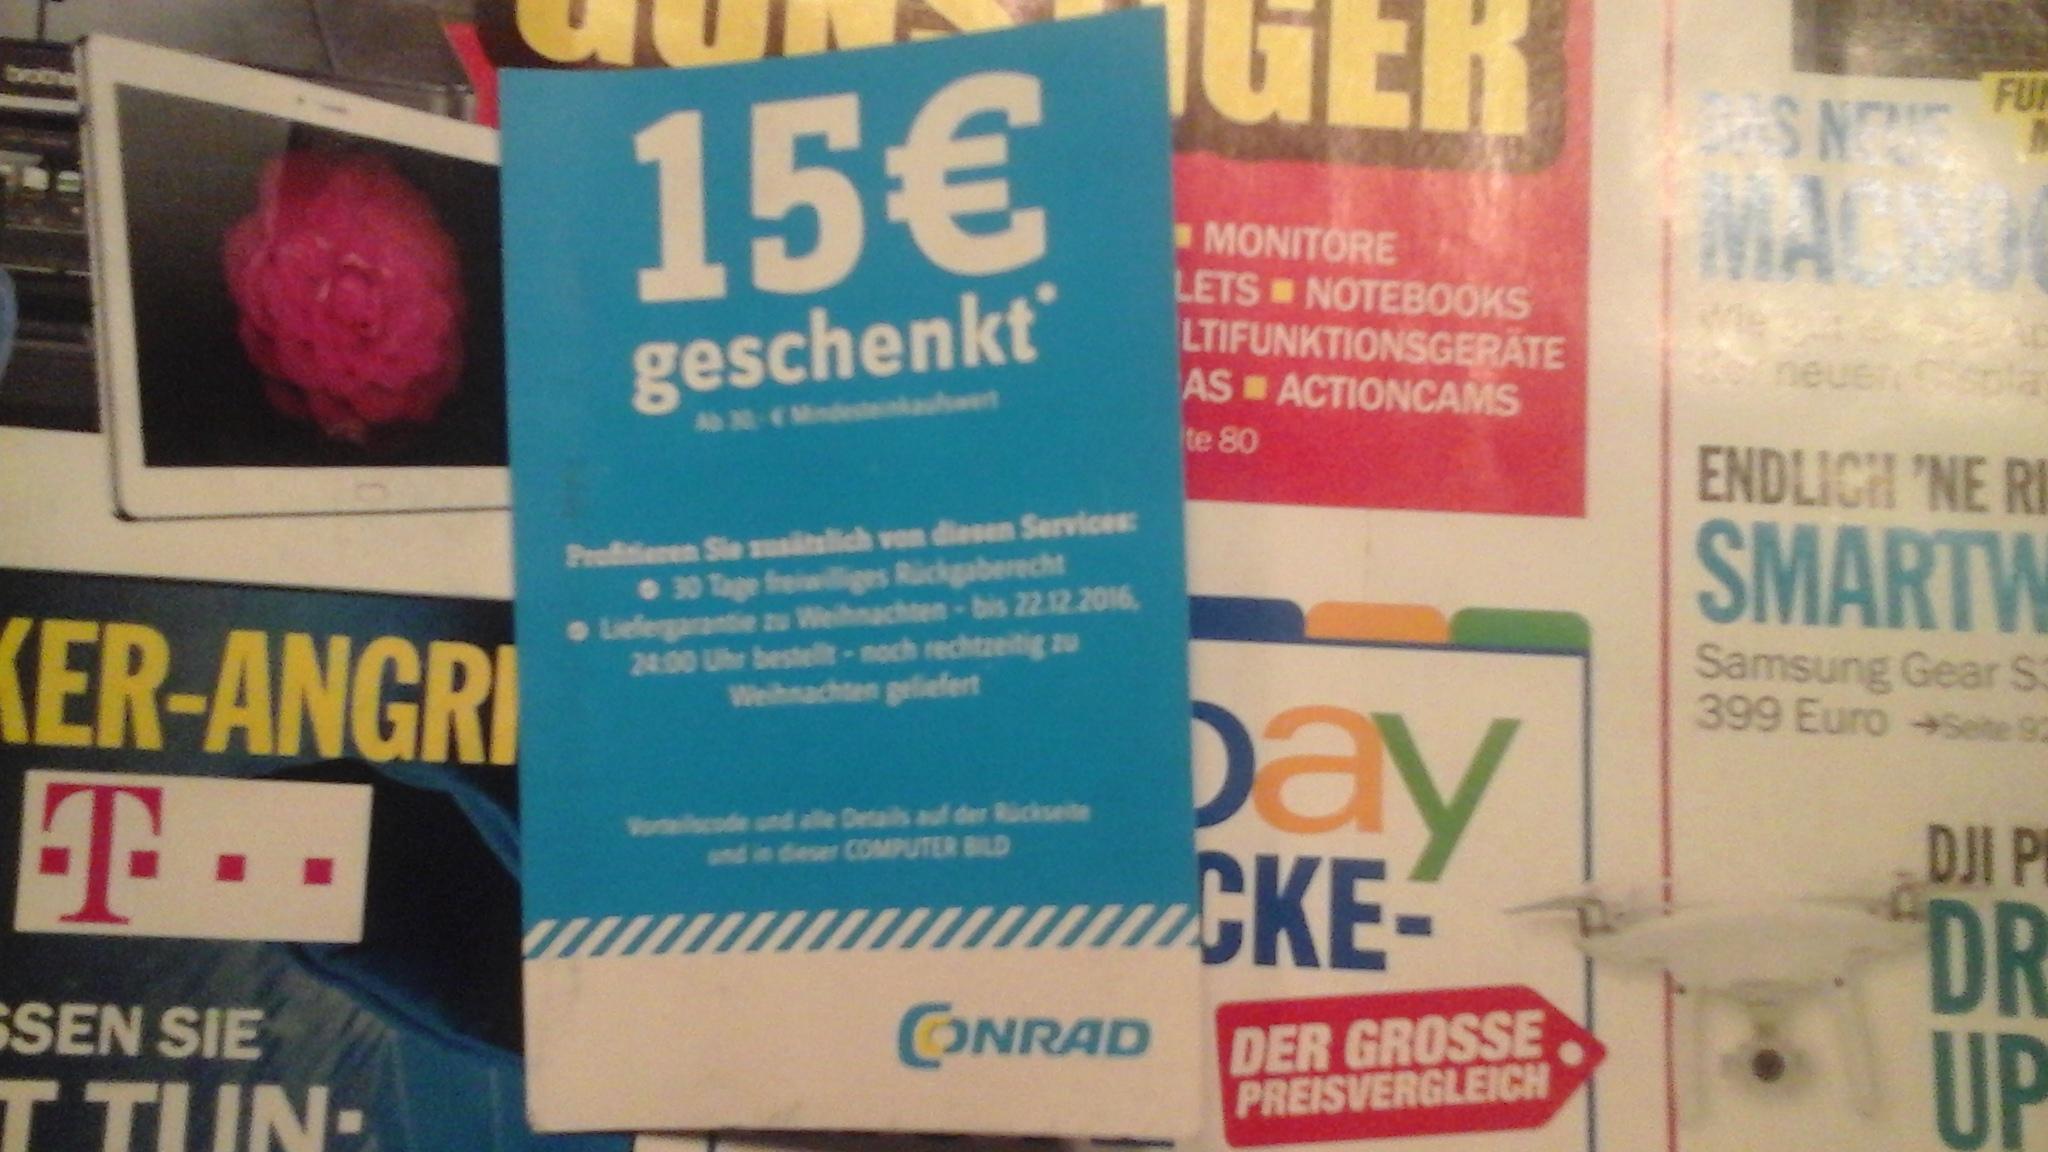 Conrad 15€ Gutschein in der aktuellen Computerbild -MBW nur 30€ -online oder offline einzulösen